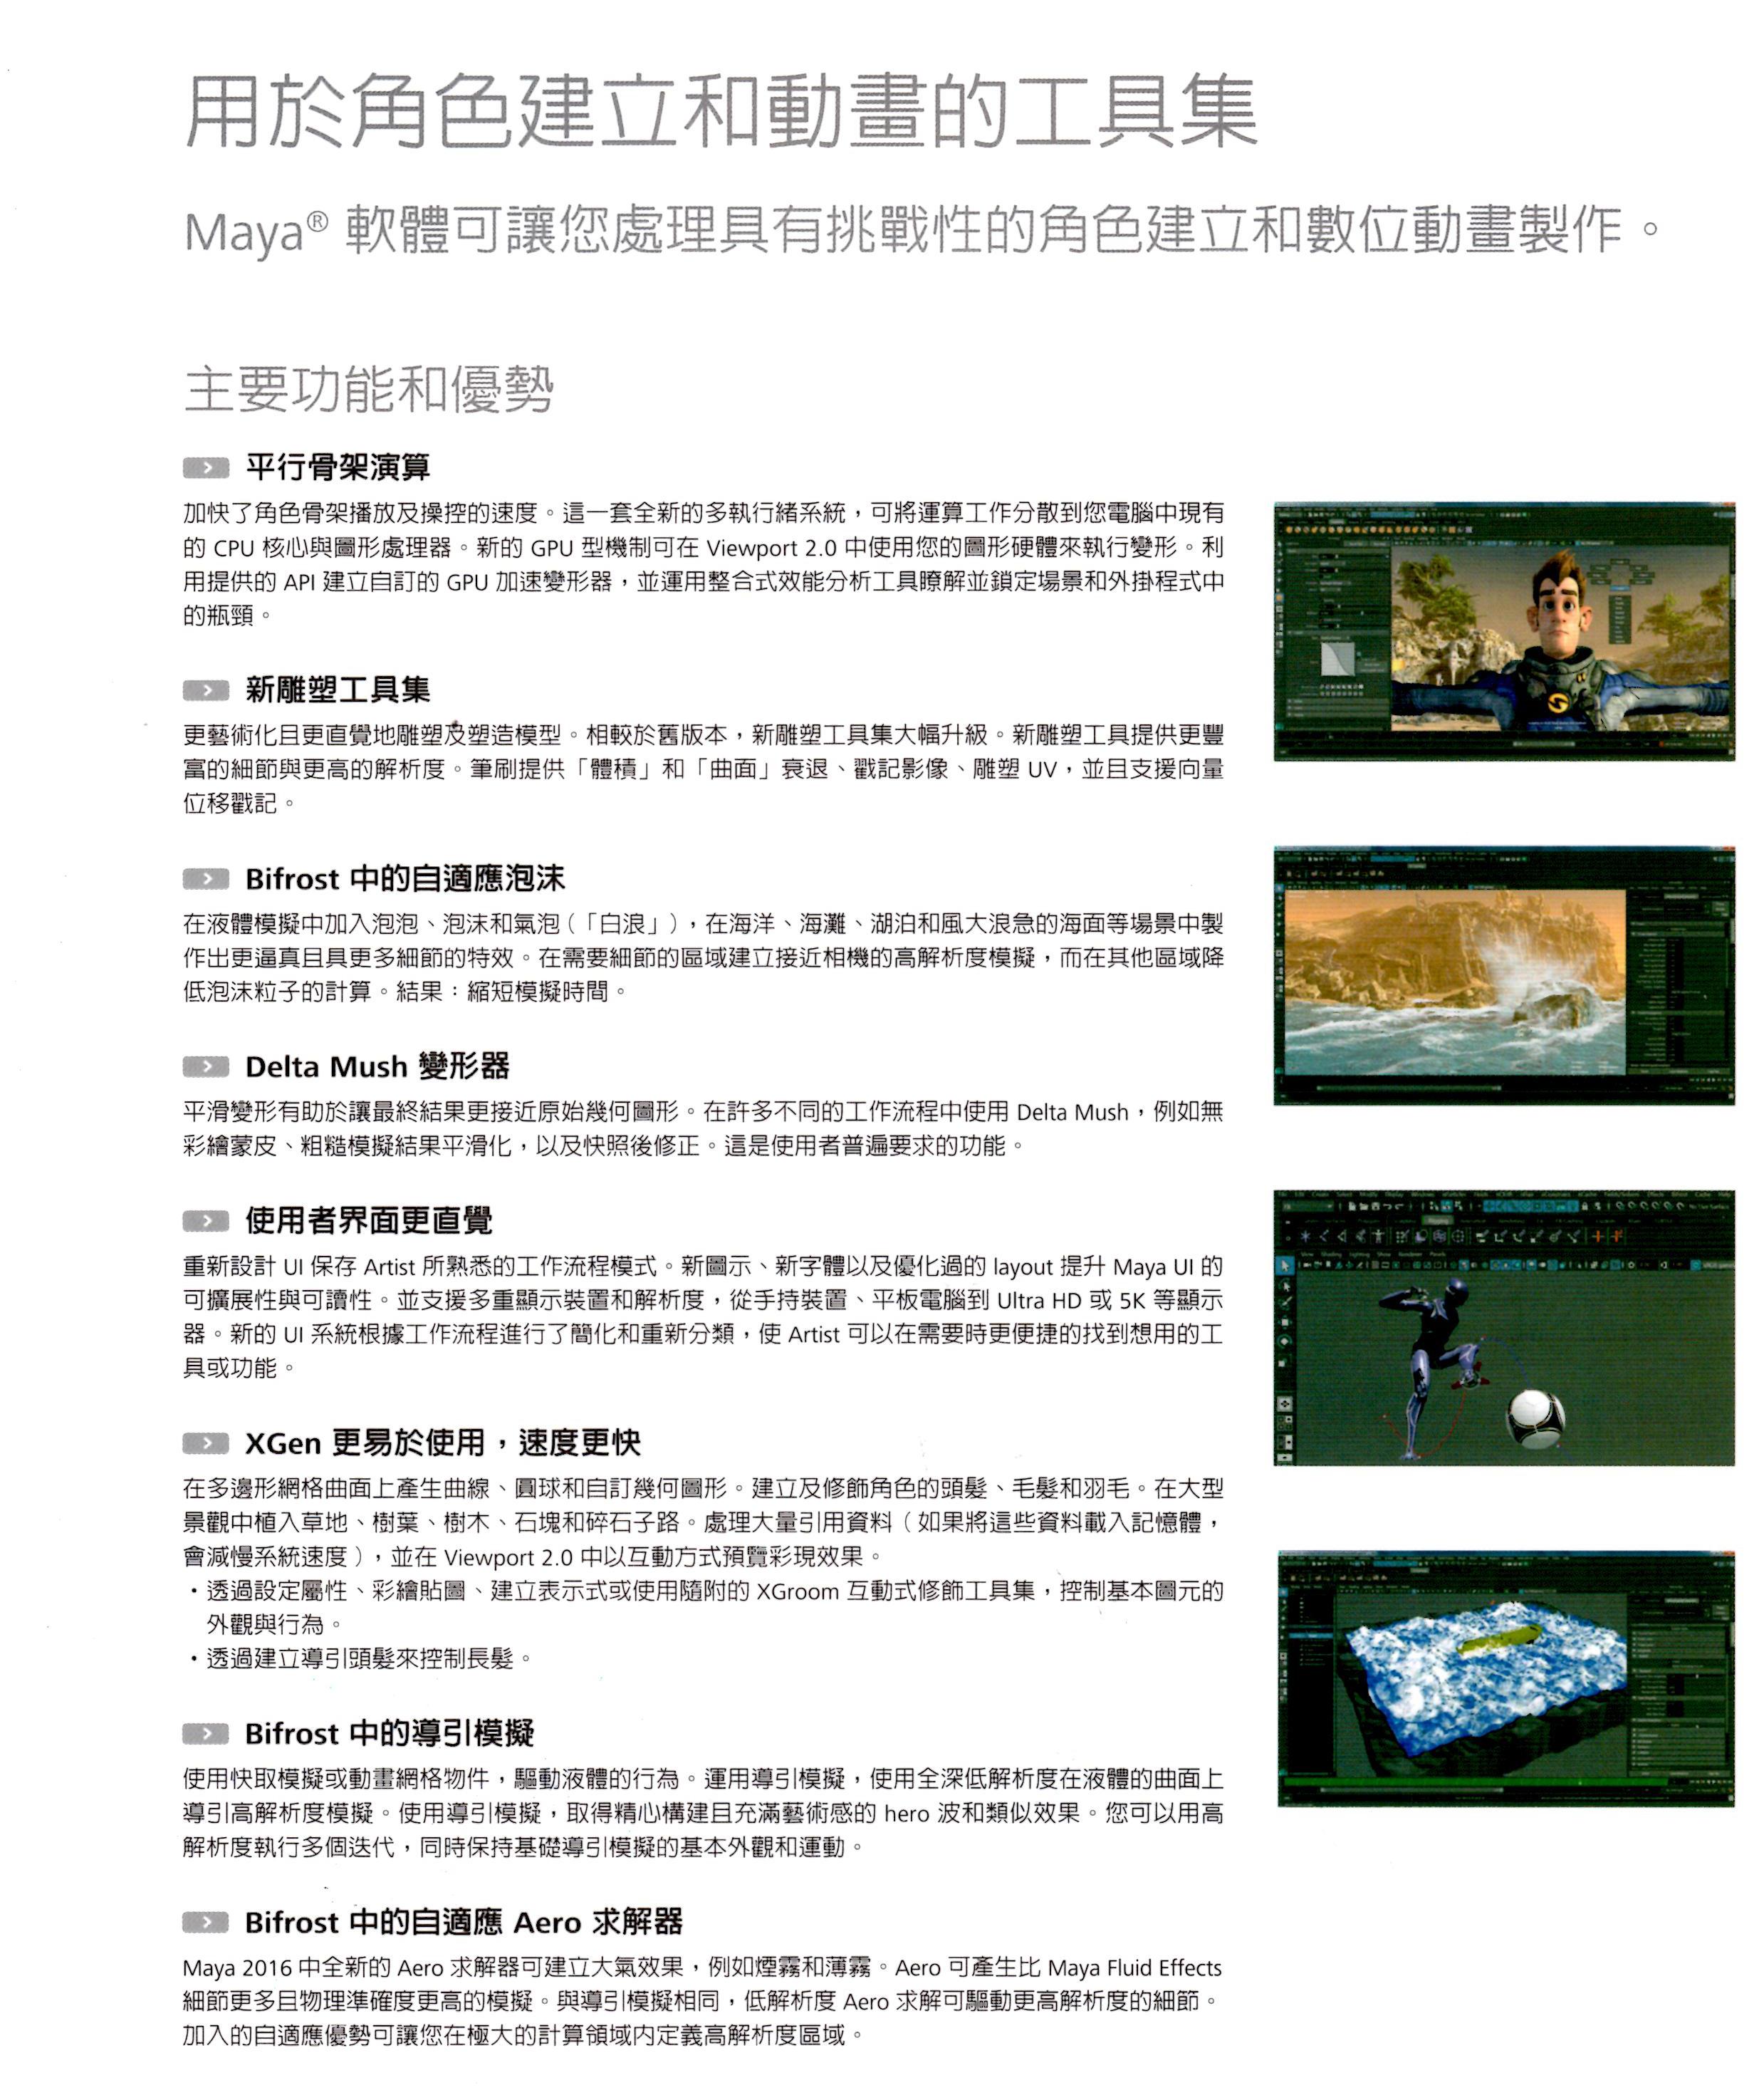 MAYA_PAGE1_TECHEZ